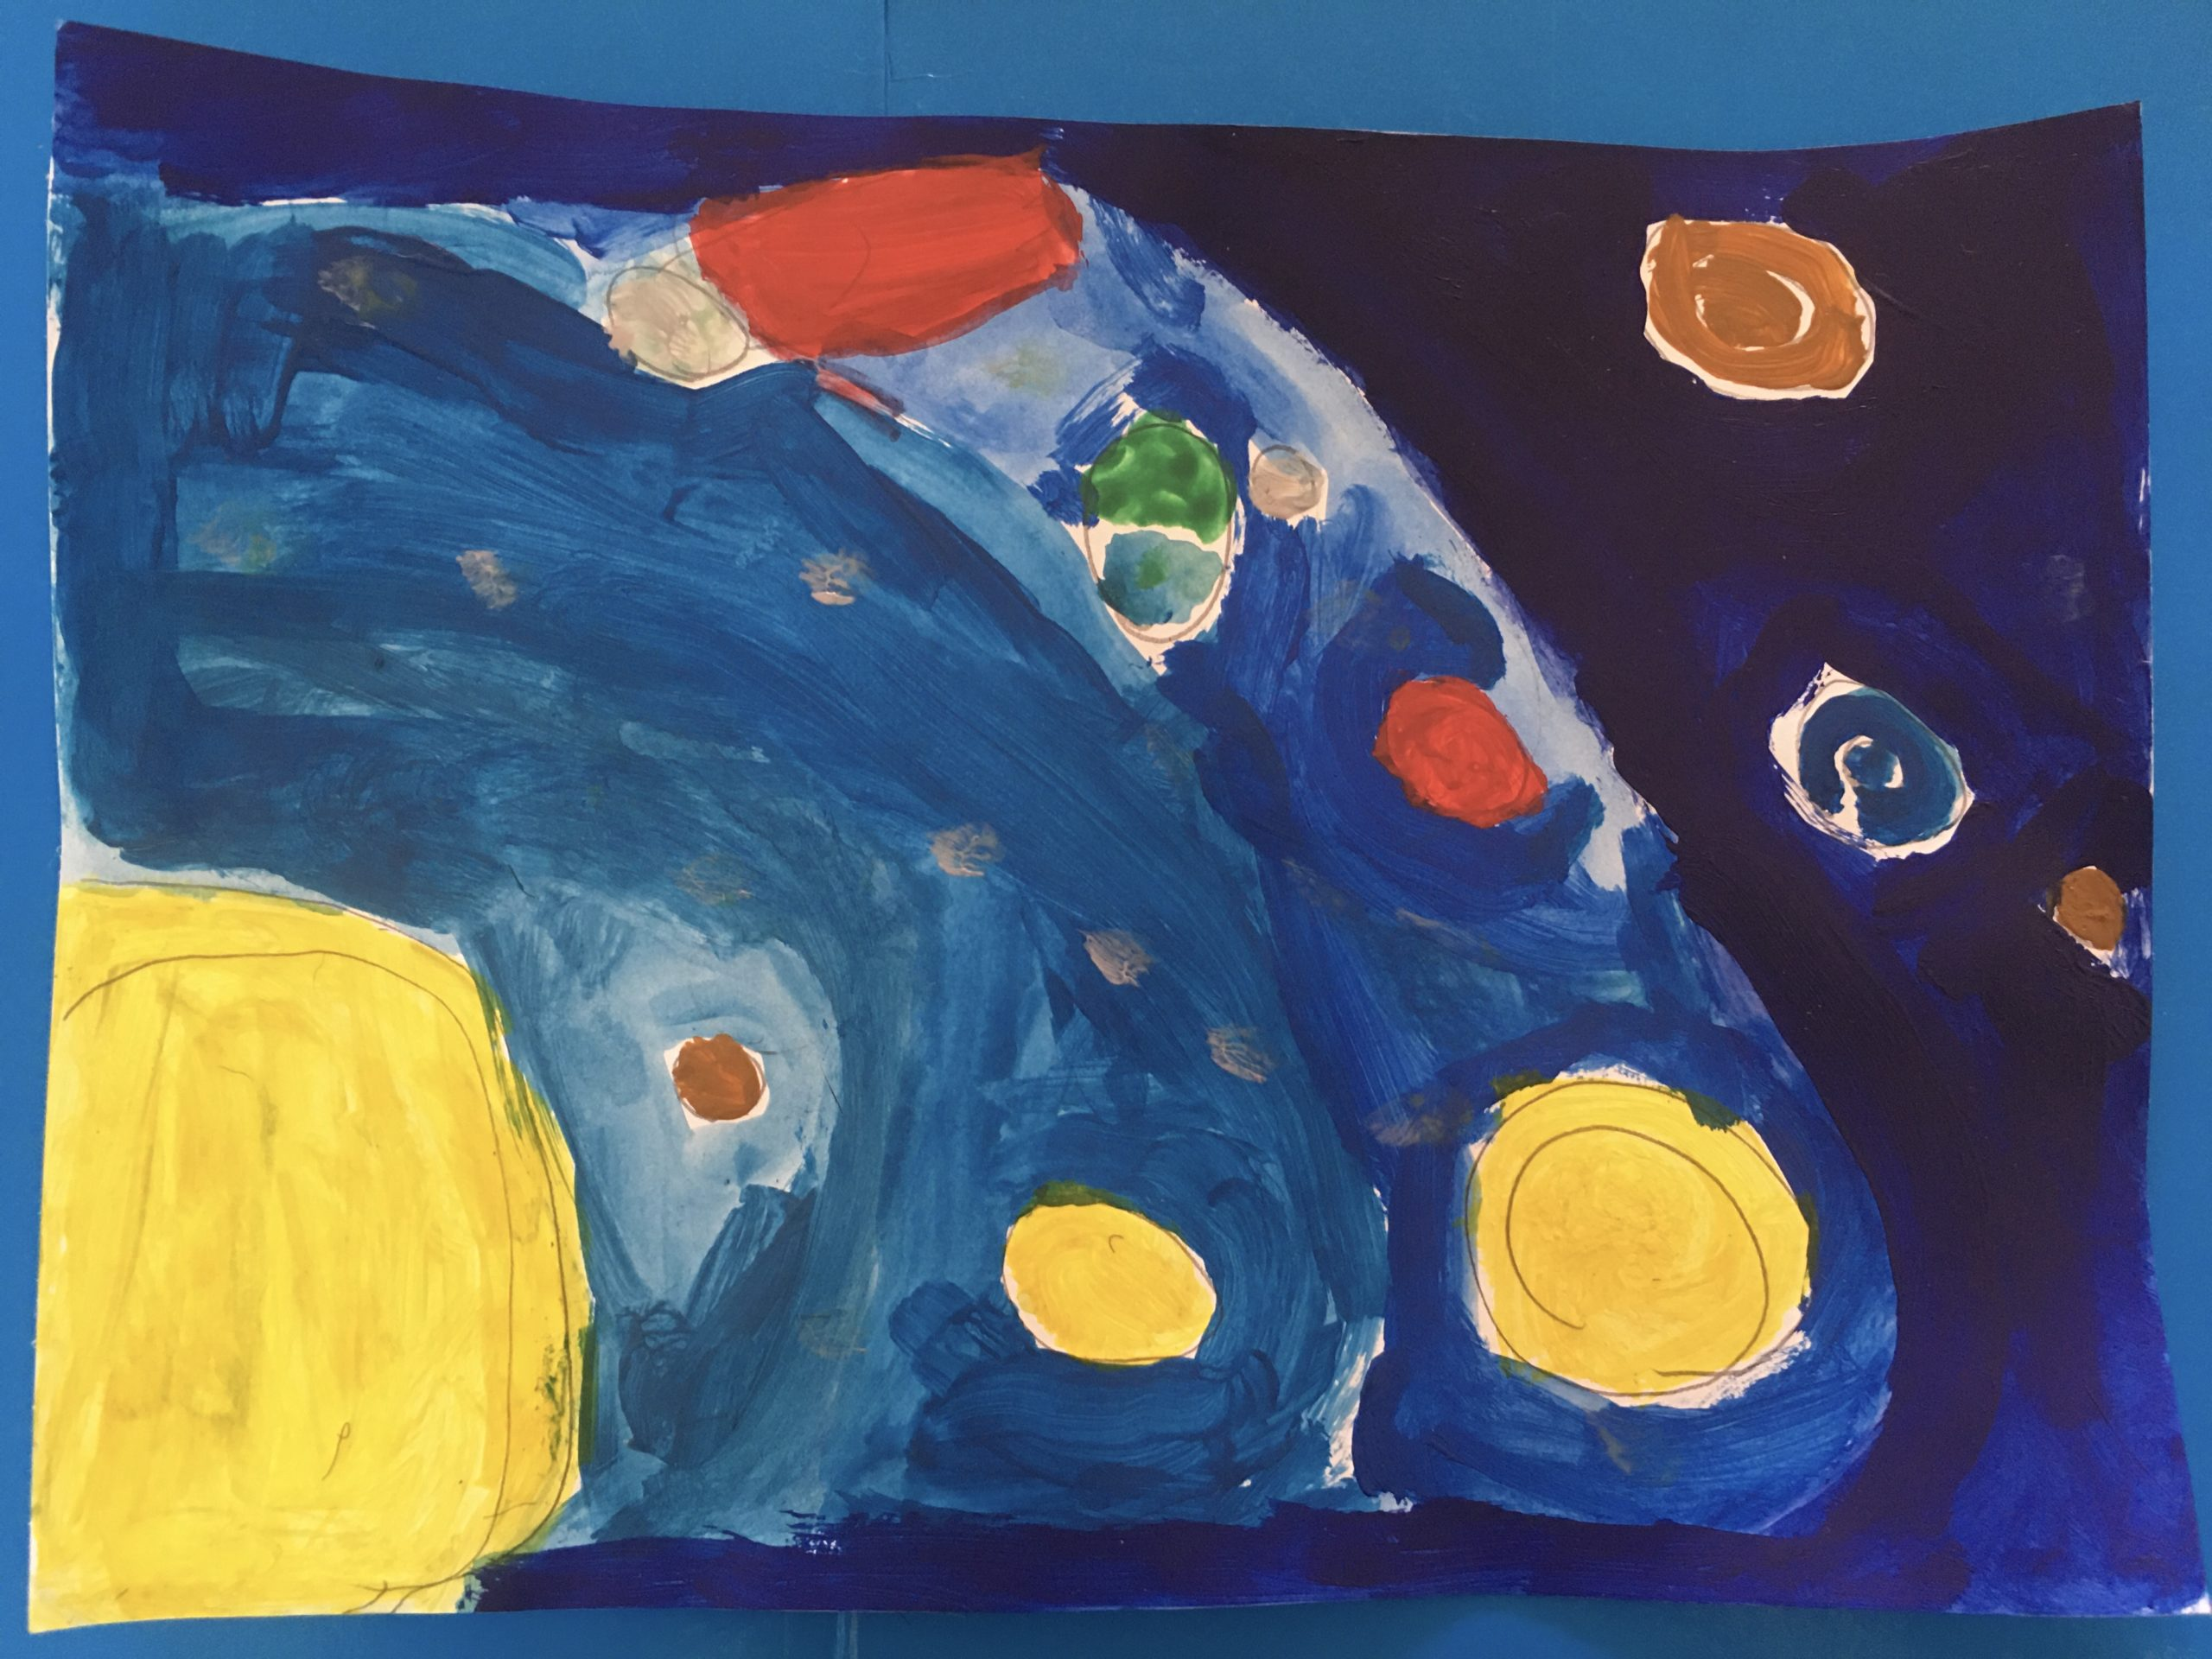 [CREA/R] Spazio chiama Terra, Terra chiama Spazio: Digital Storytelling alla Scuola Primaria